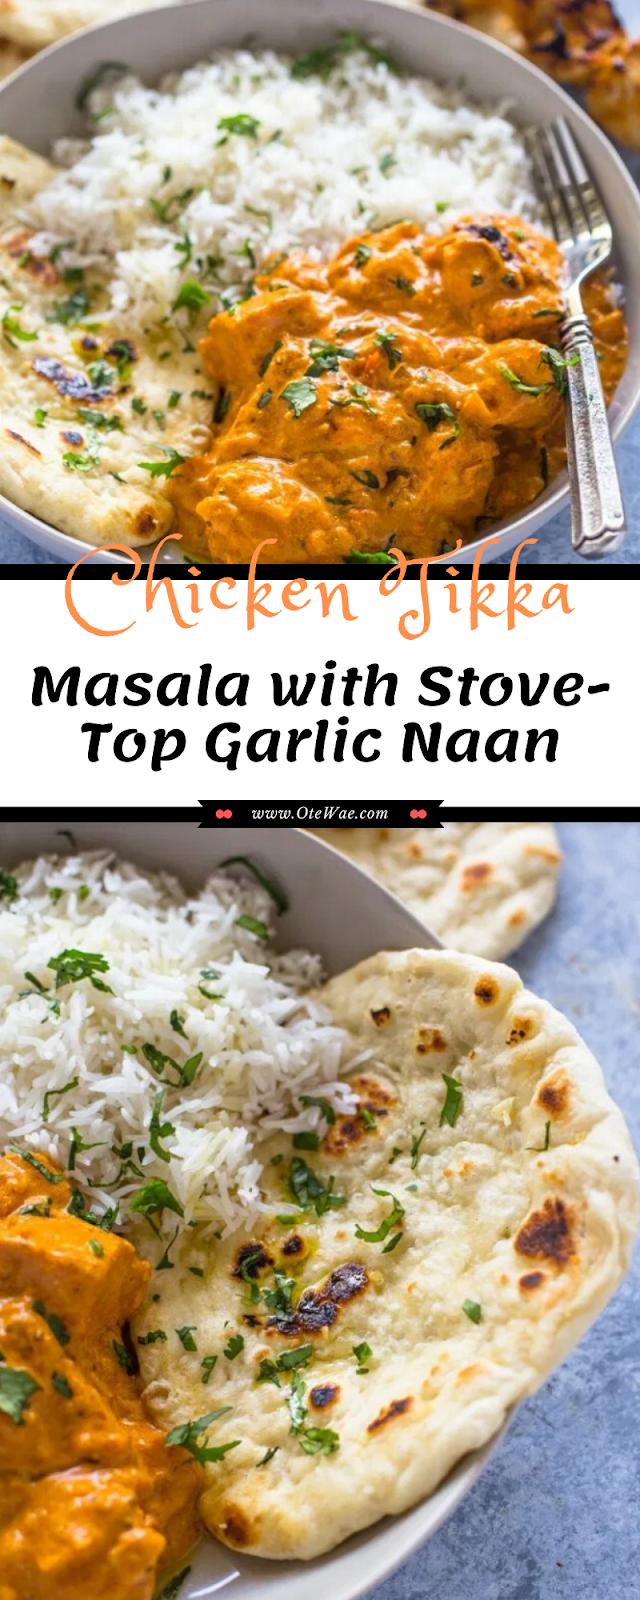 Chicken Tikka Masala with Stove-Top Garlic Naan